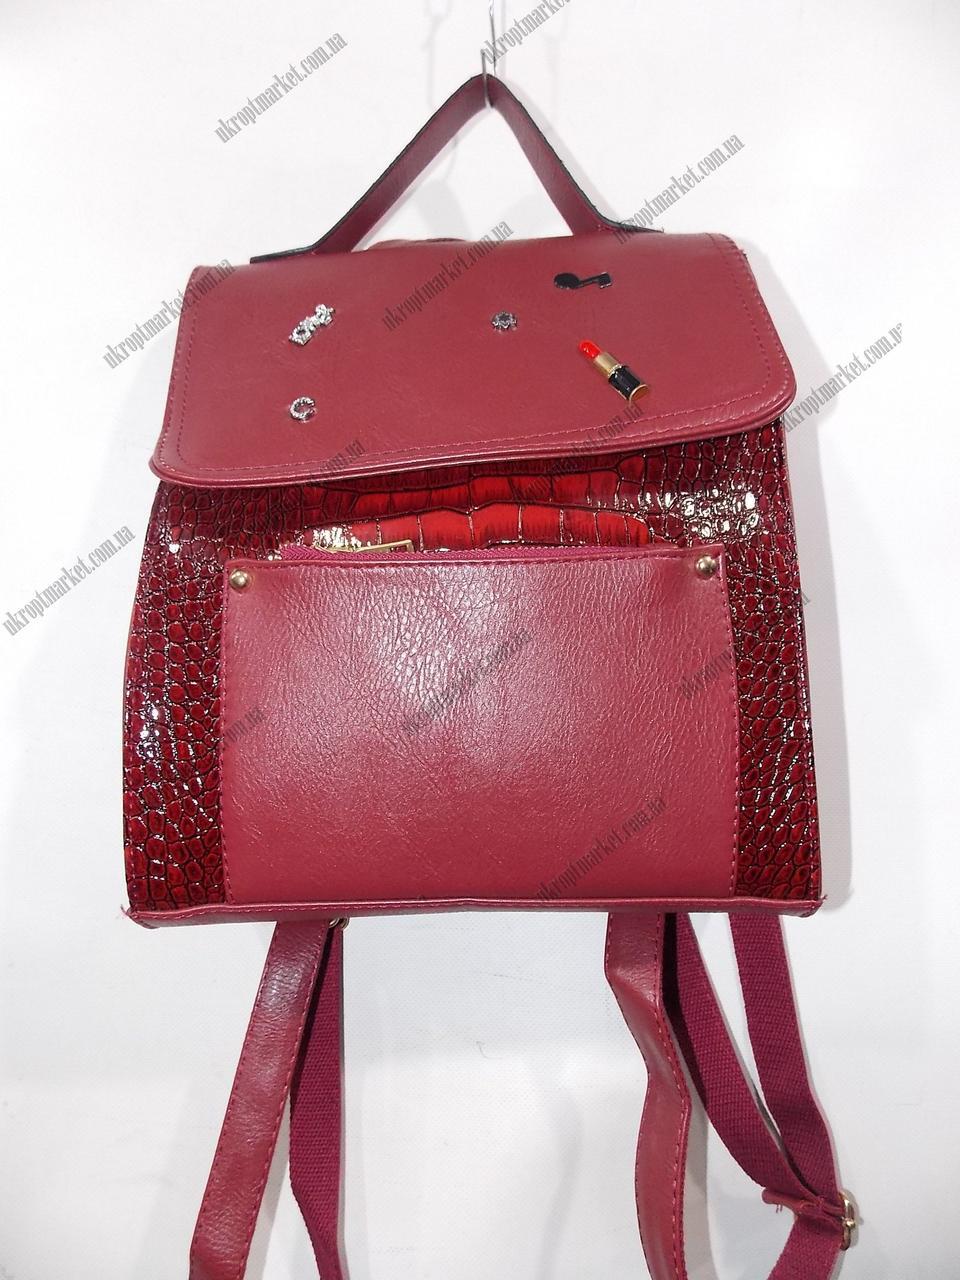 abfafb3cea76 Женская сумка-рюкзак модная (26x30см)